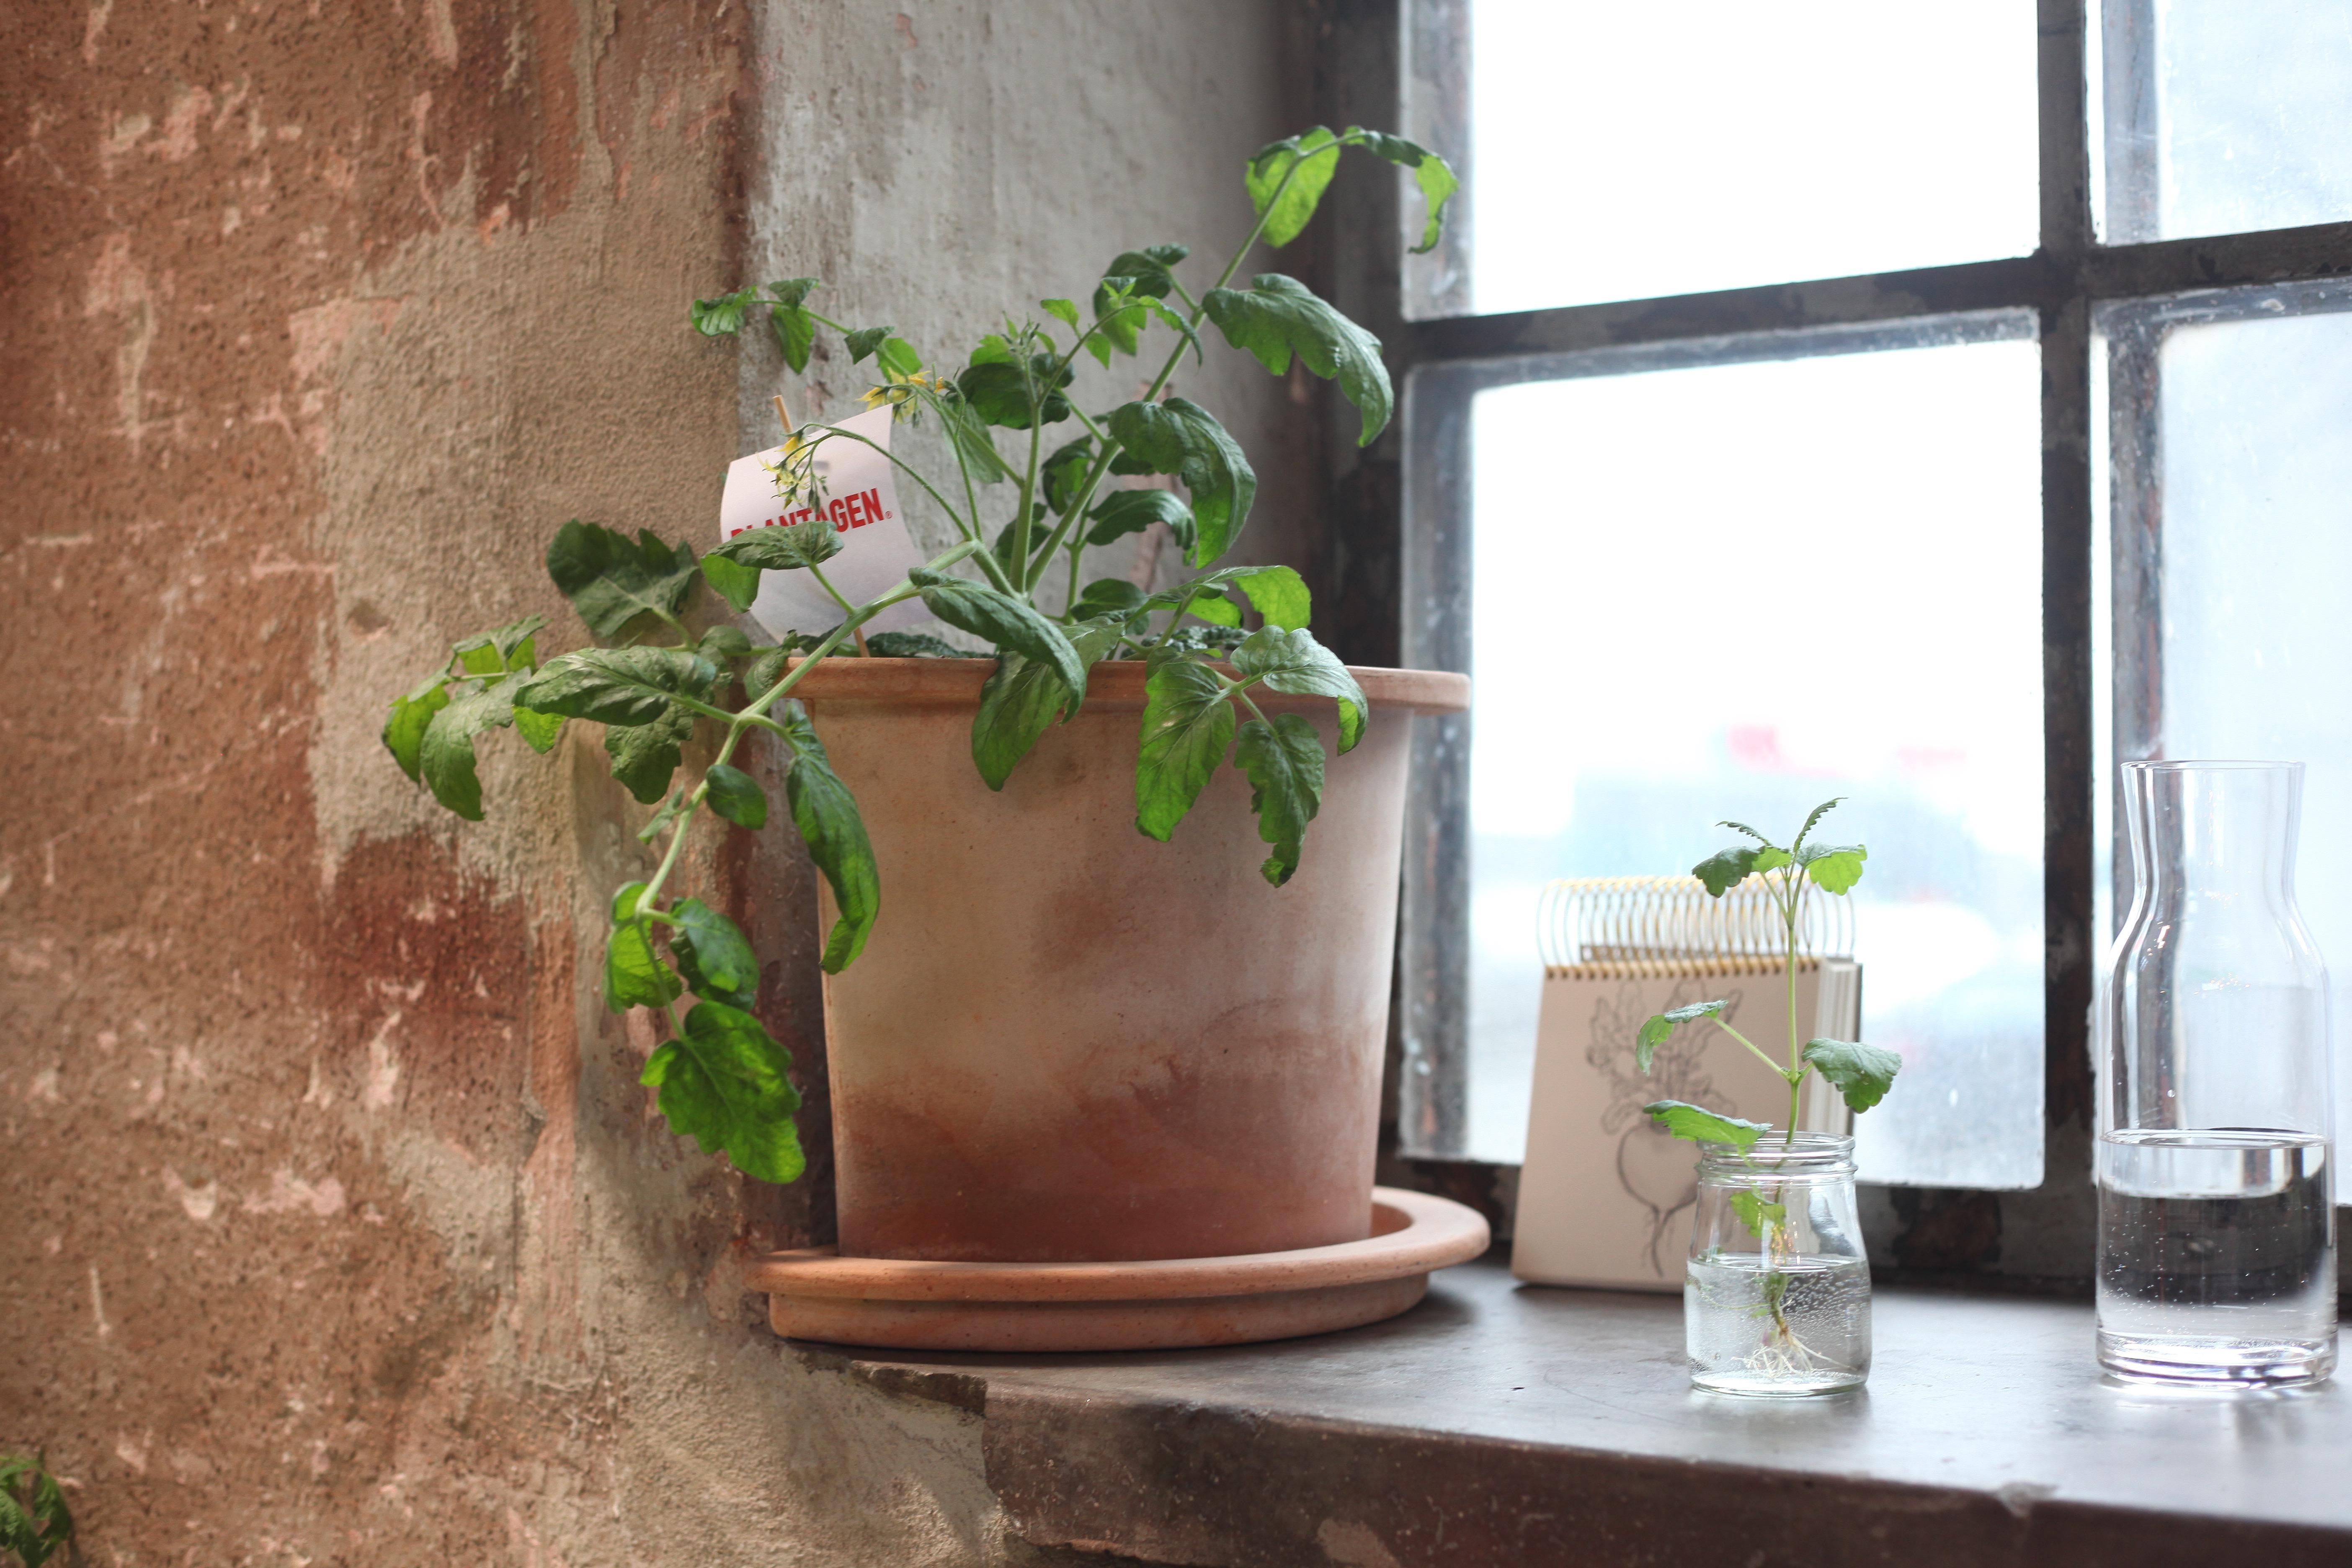 plantagen trädgård växter blommor odla inspiration kruka krukor